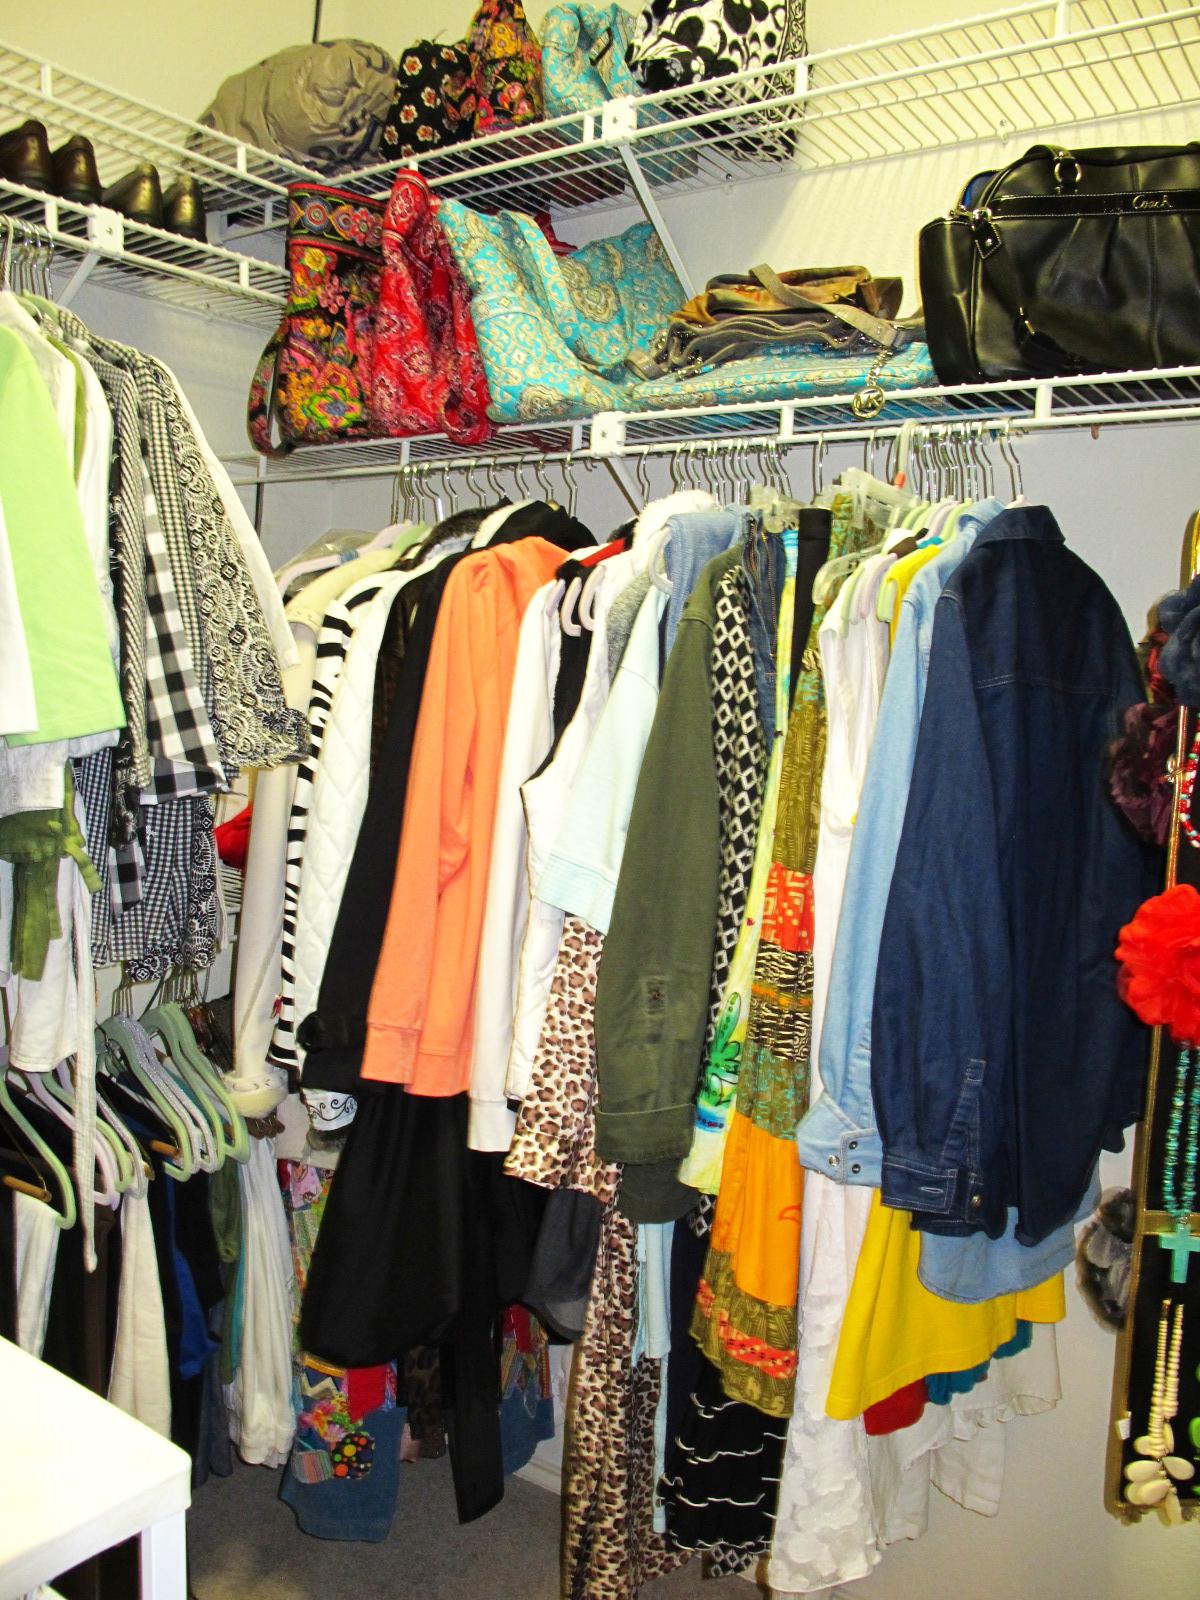 Business Closet Spring 2012